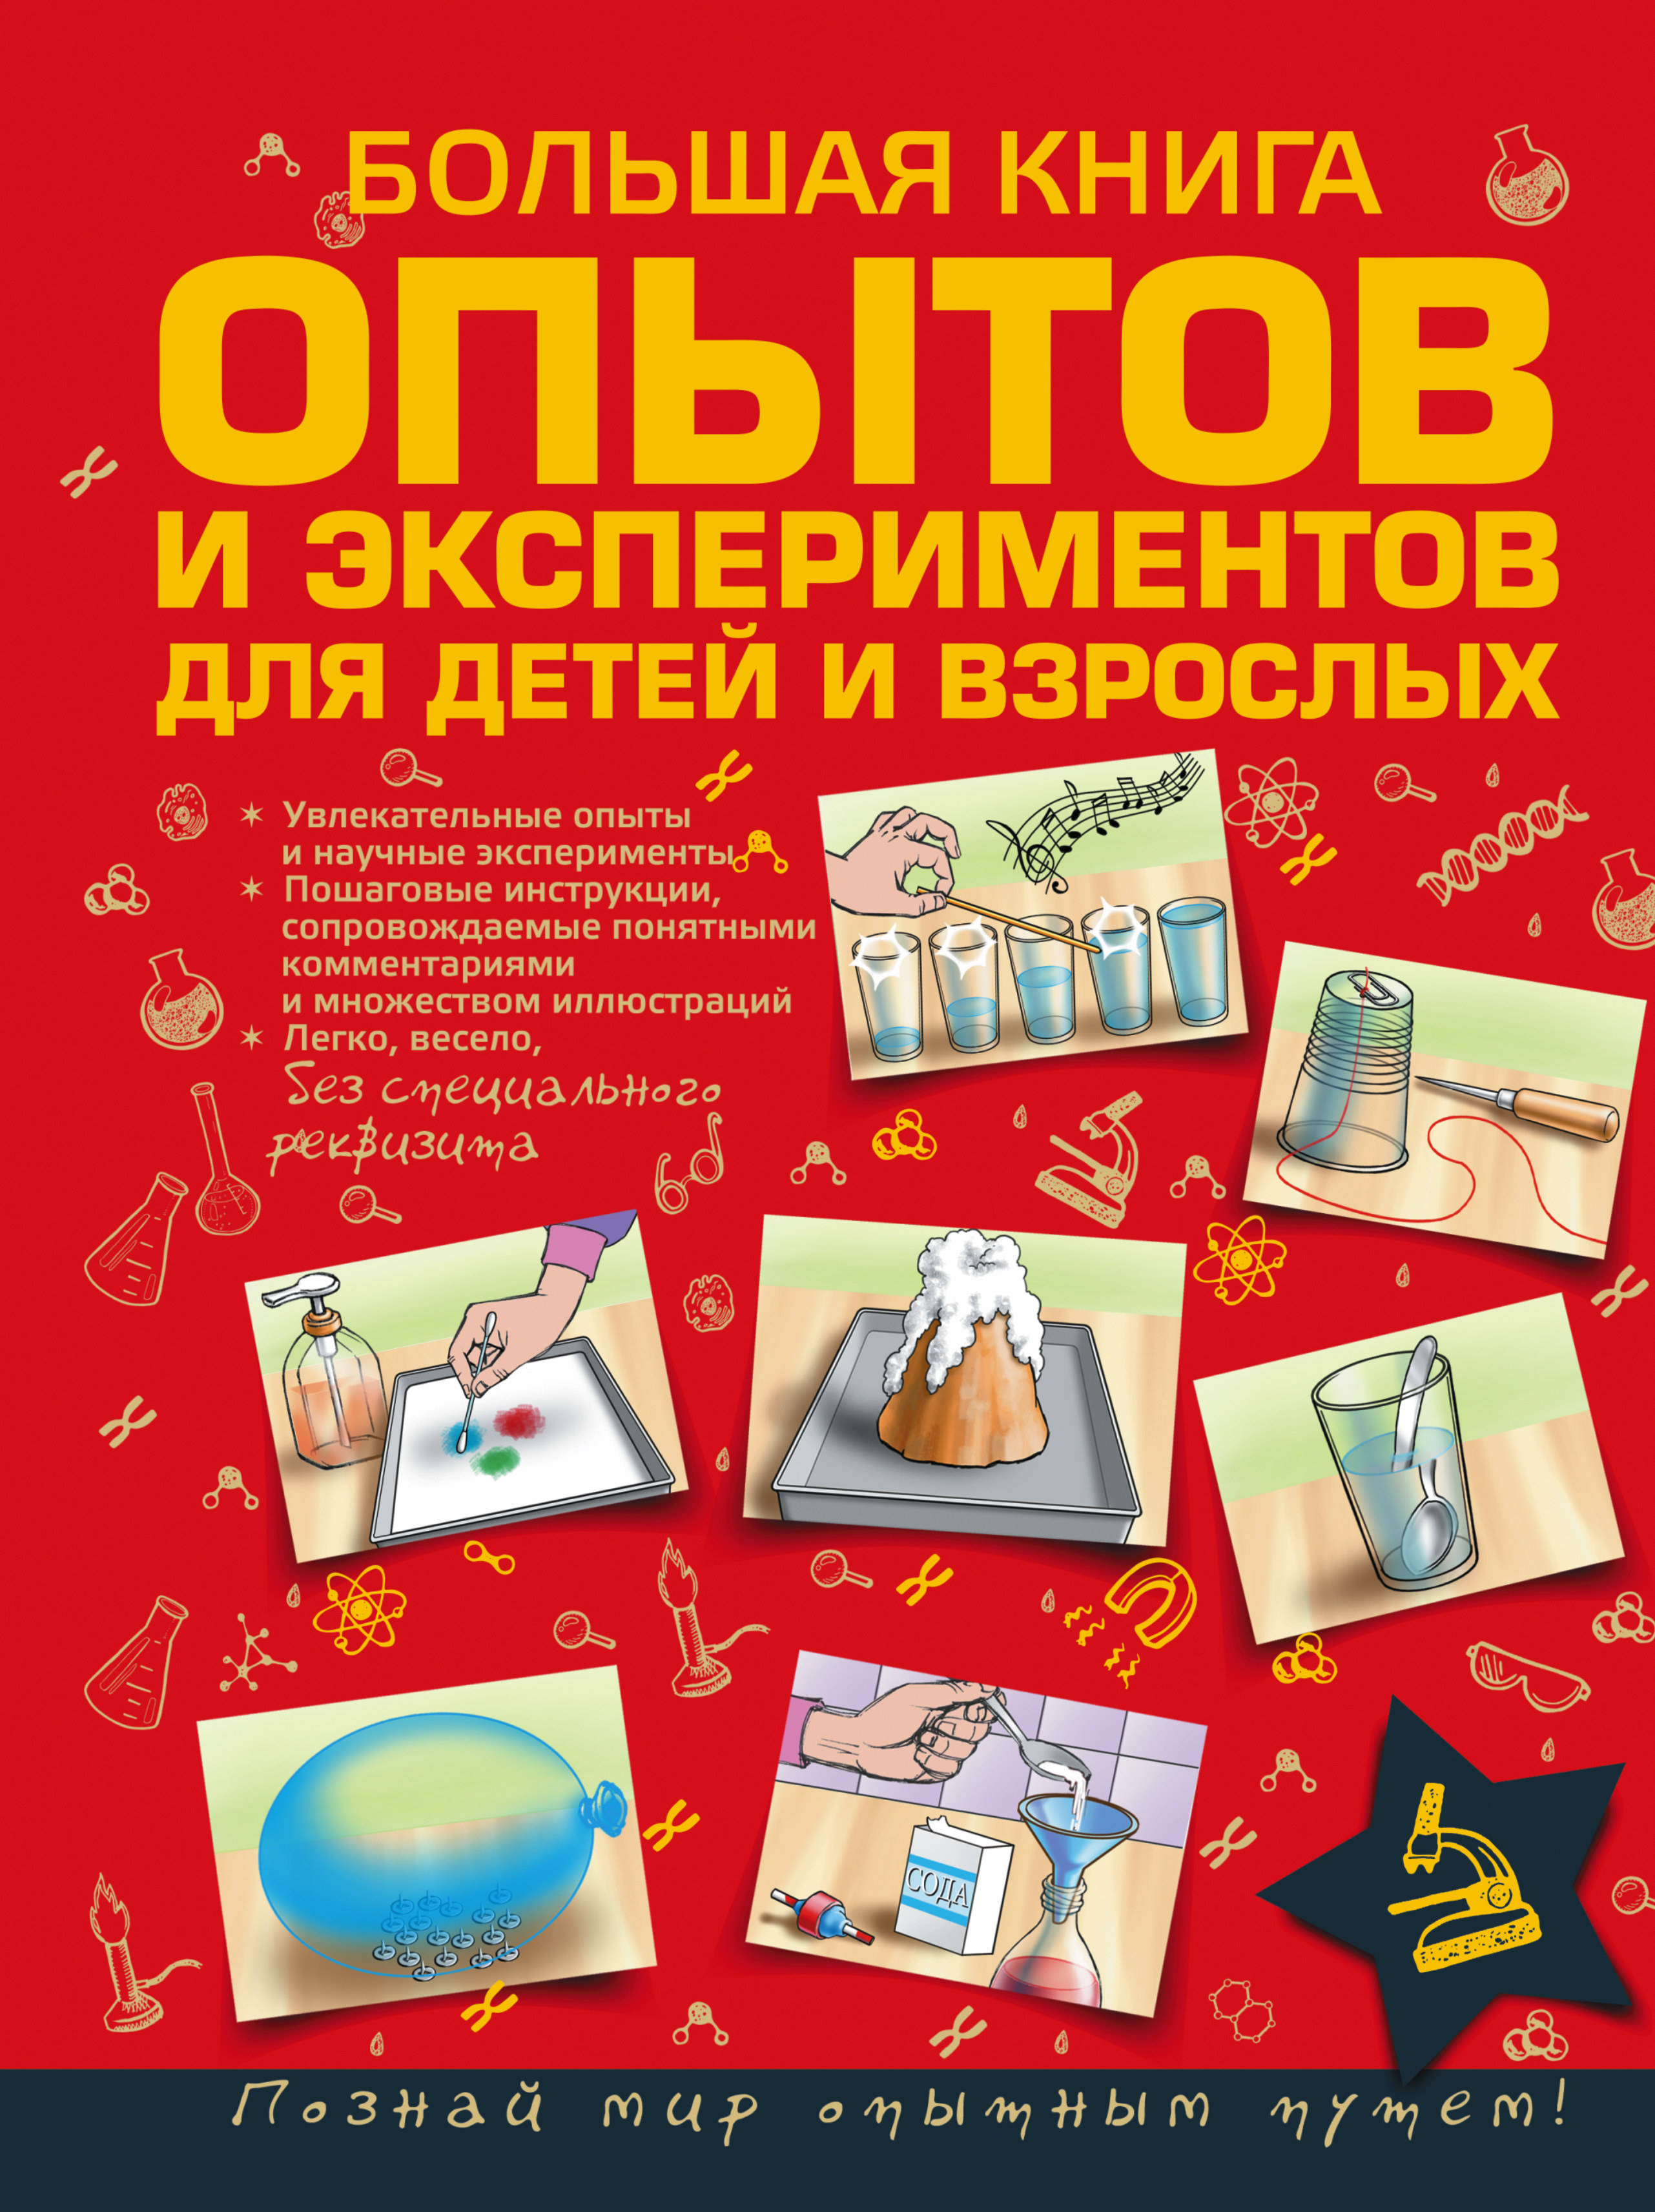 Большая книга опытов и экспериментов для детей и взрослых